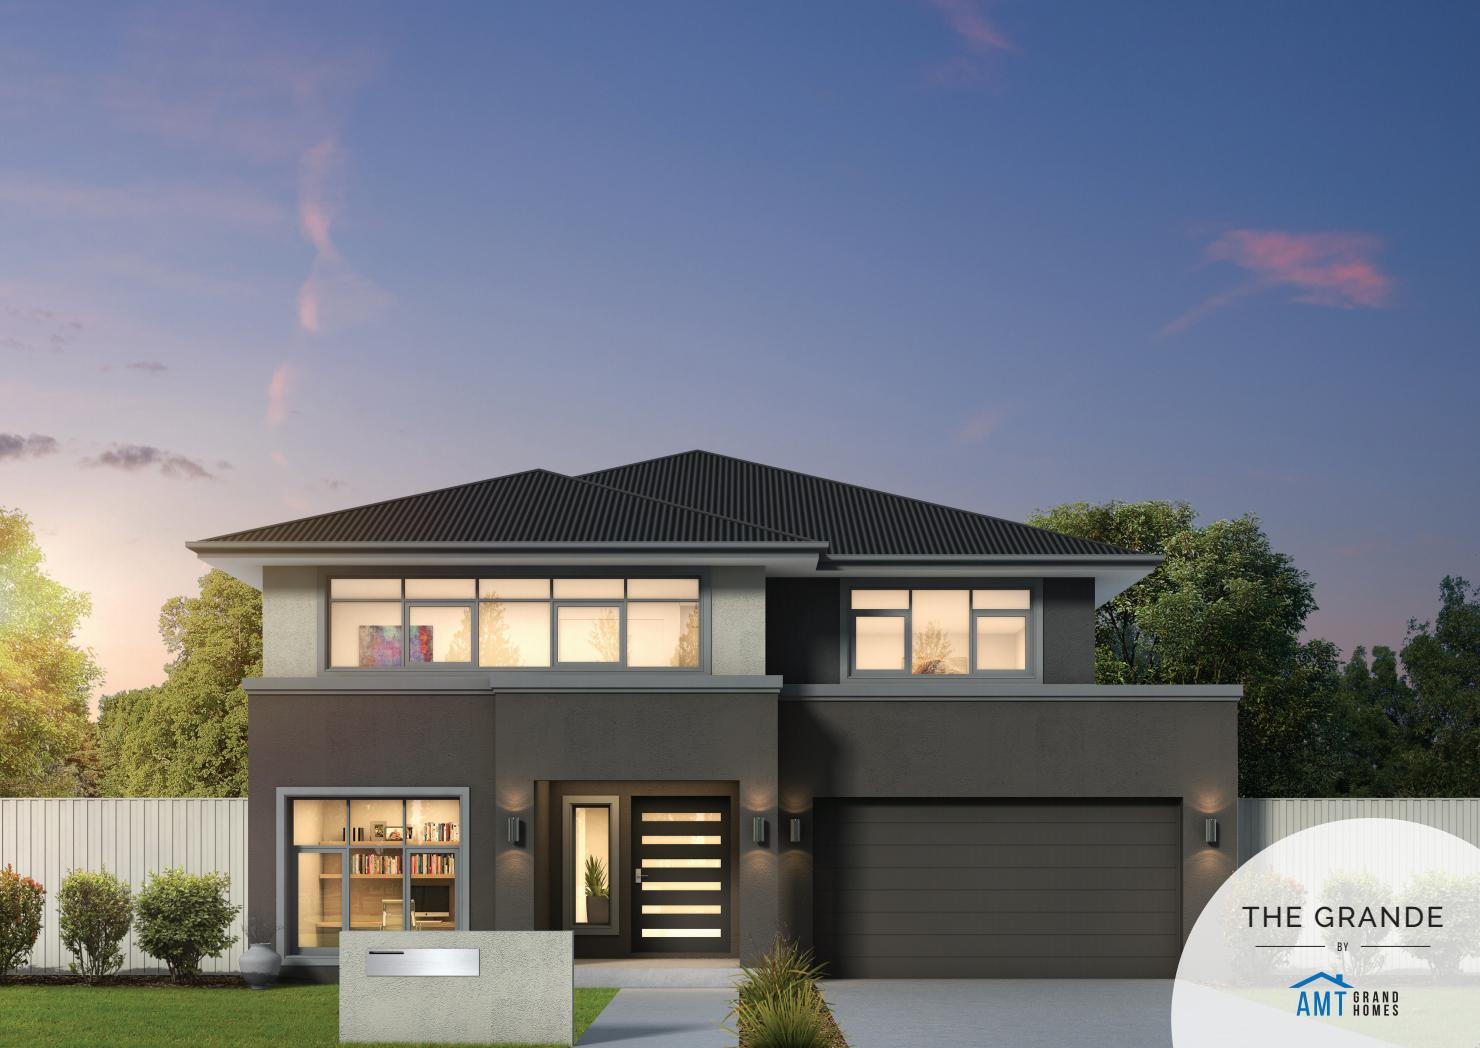 The grande amt grand homes custom home builder west sydney for Home builder com